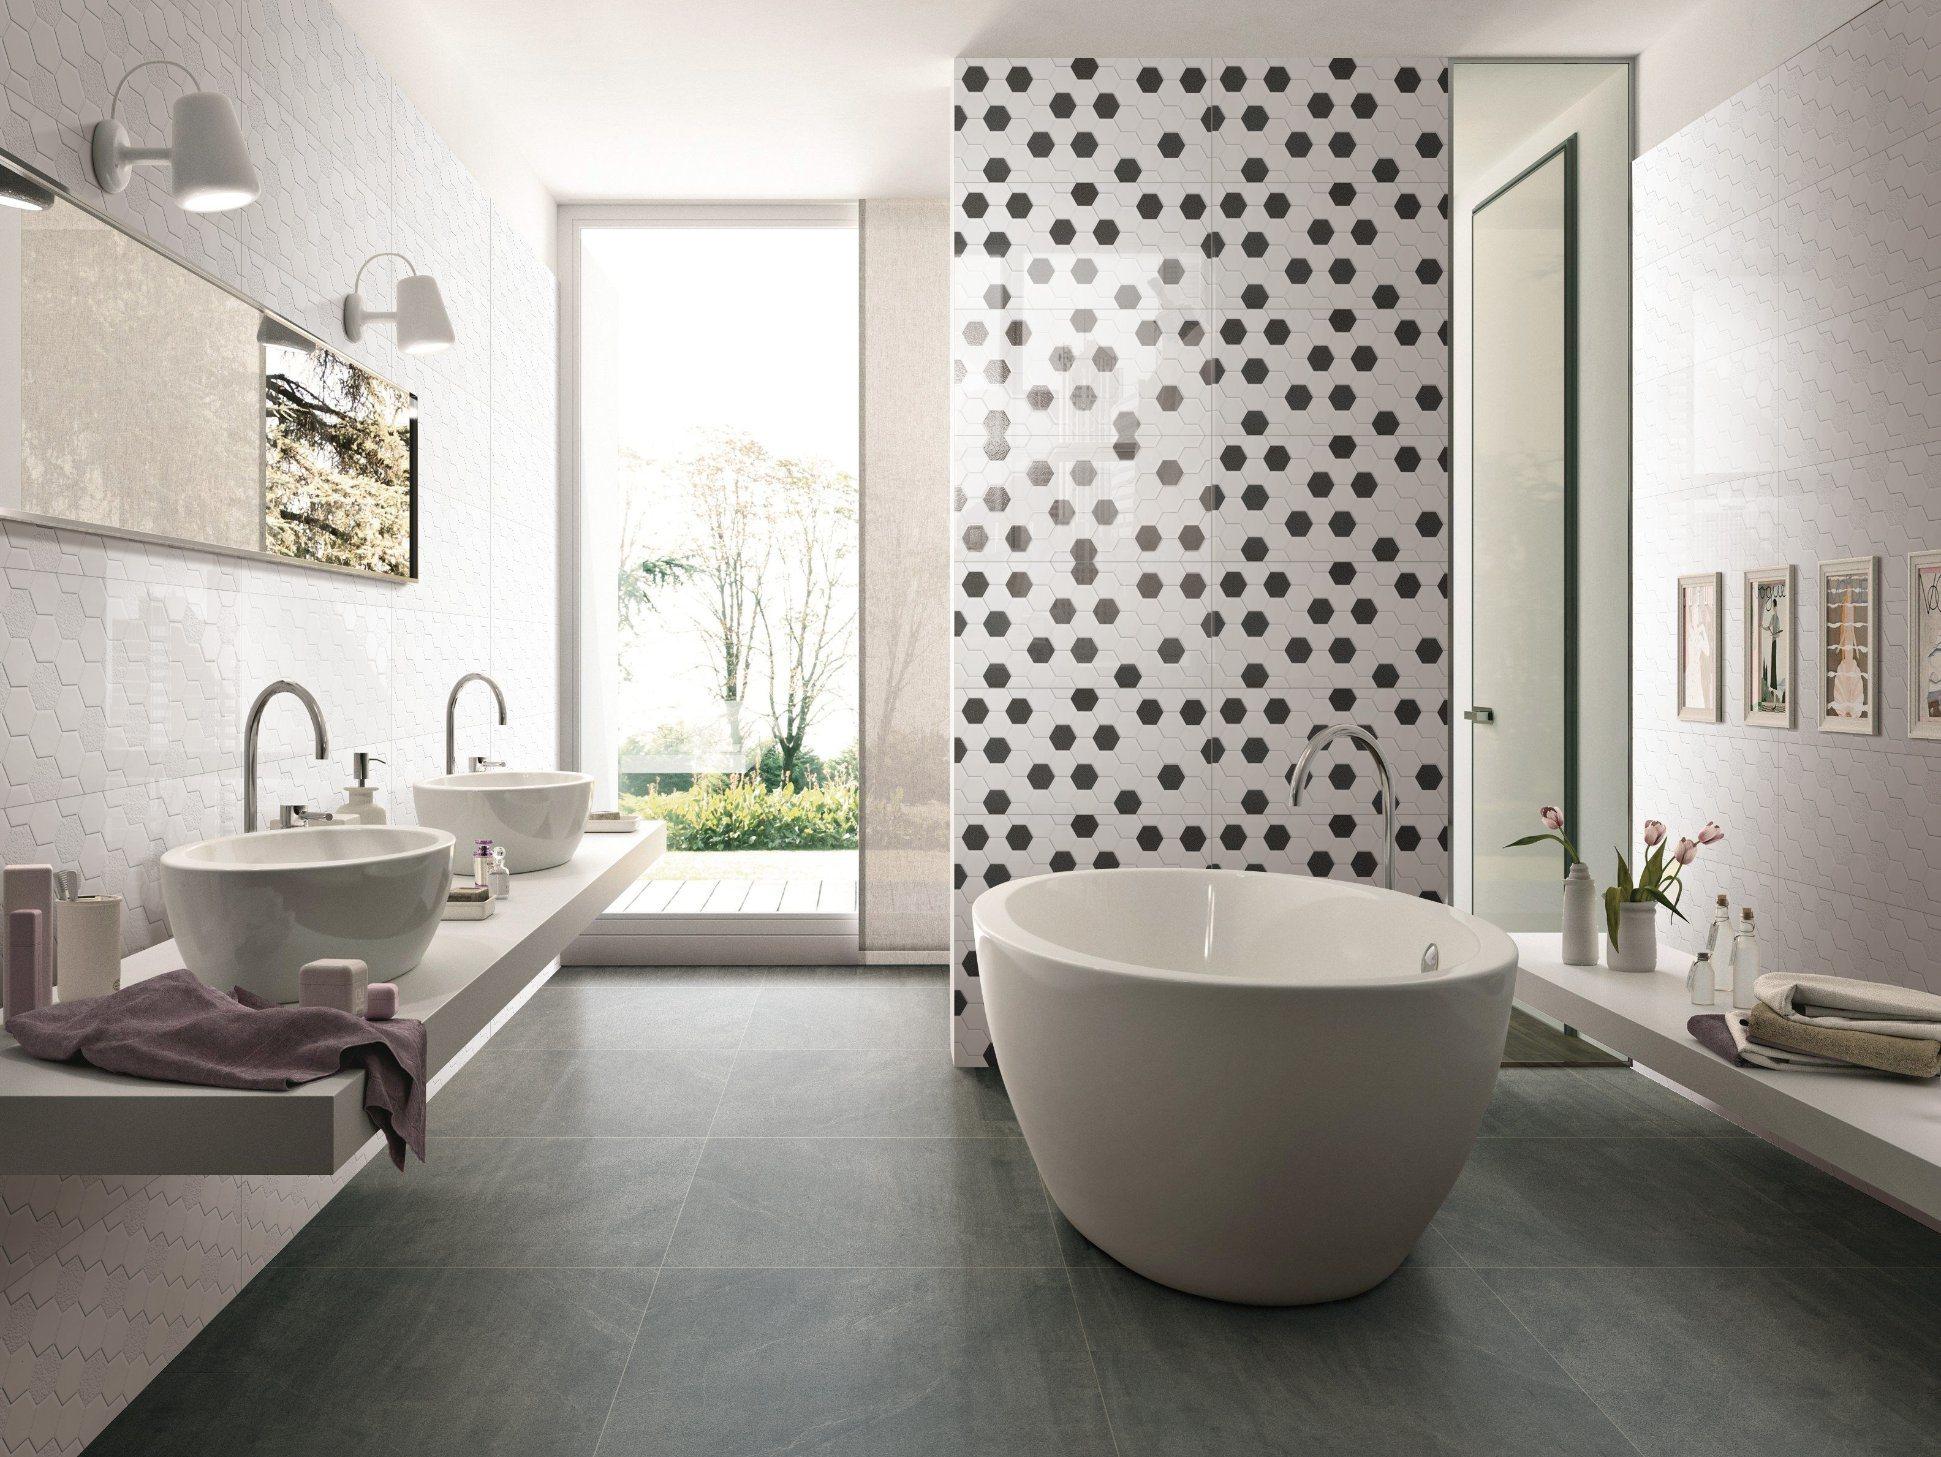 Picture of: China Italian Flooring Marble Bathroom Tiles Ceramic Decorative Exterior Bathroom Wall Tile China Ceramic Tile Floor Tile